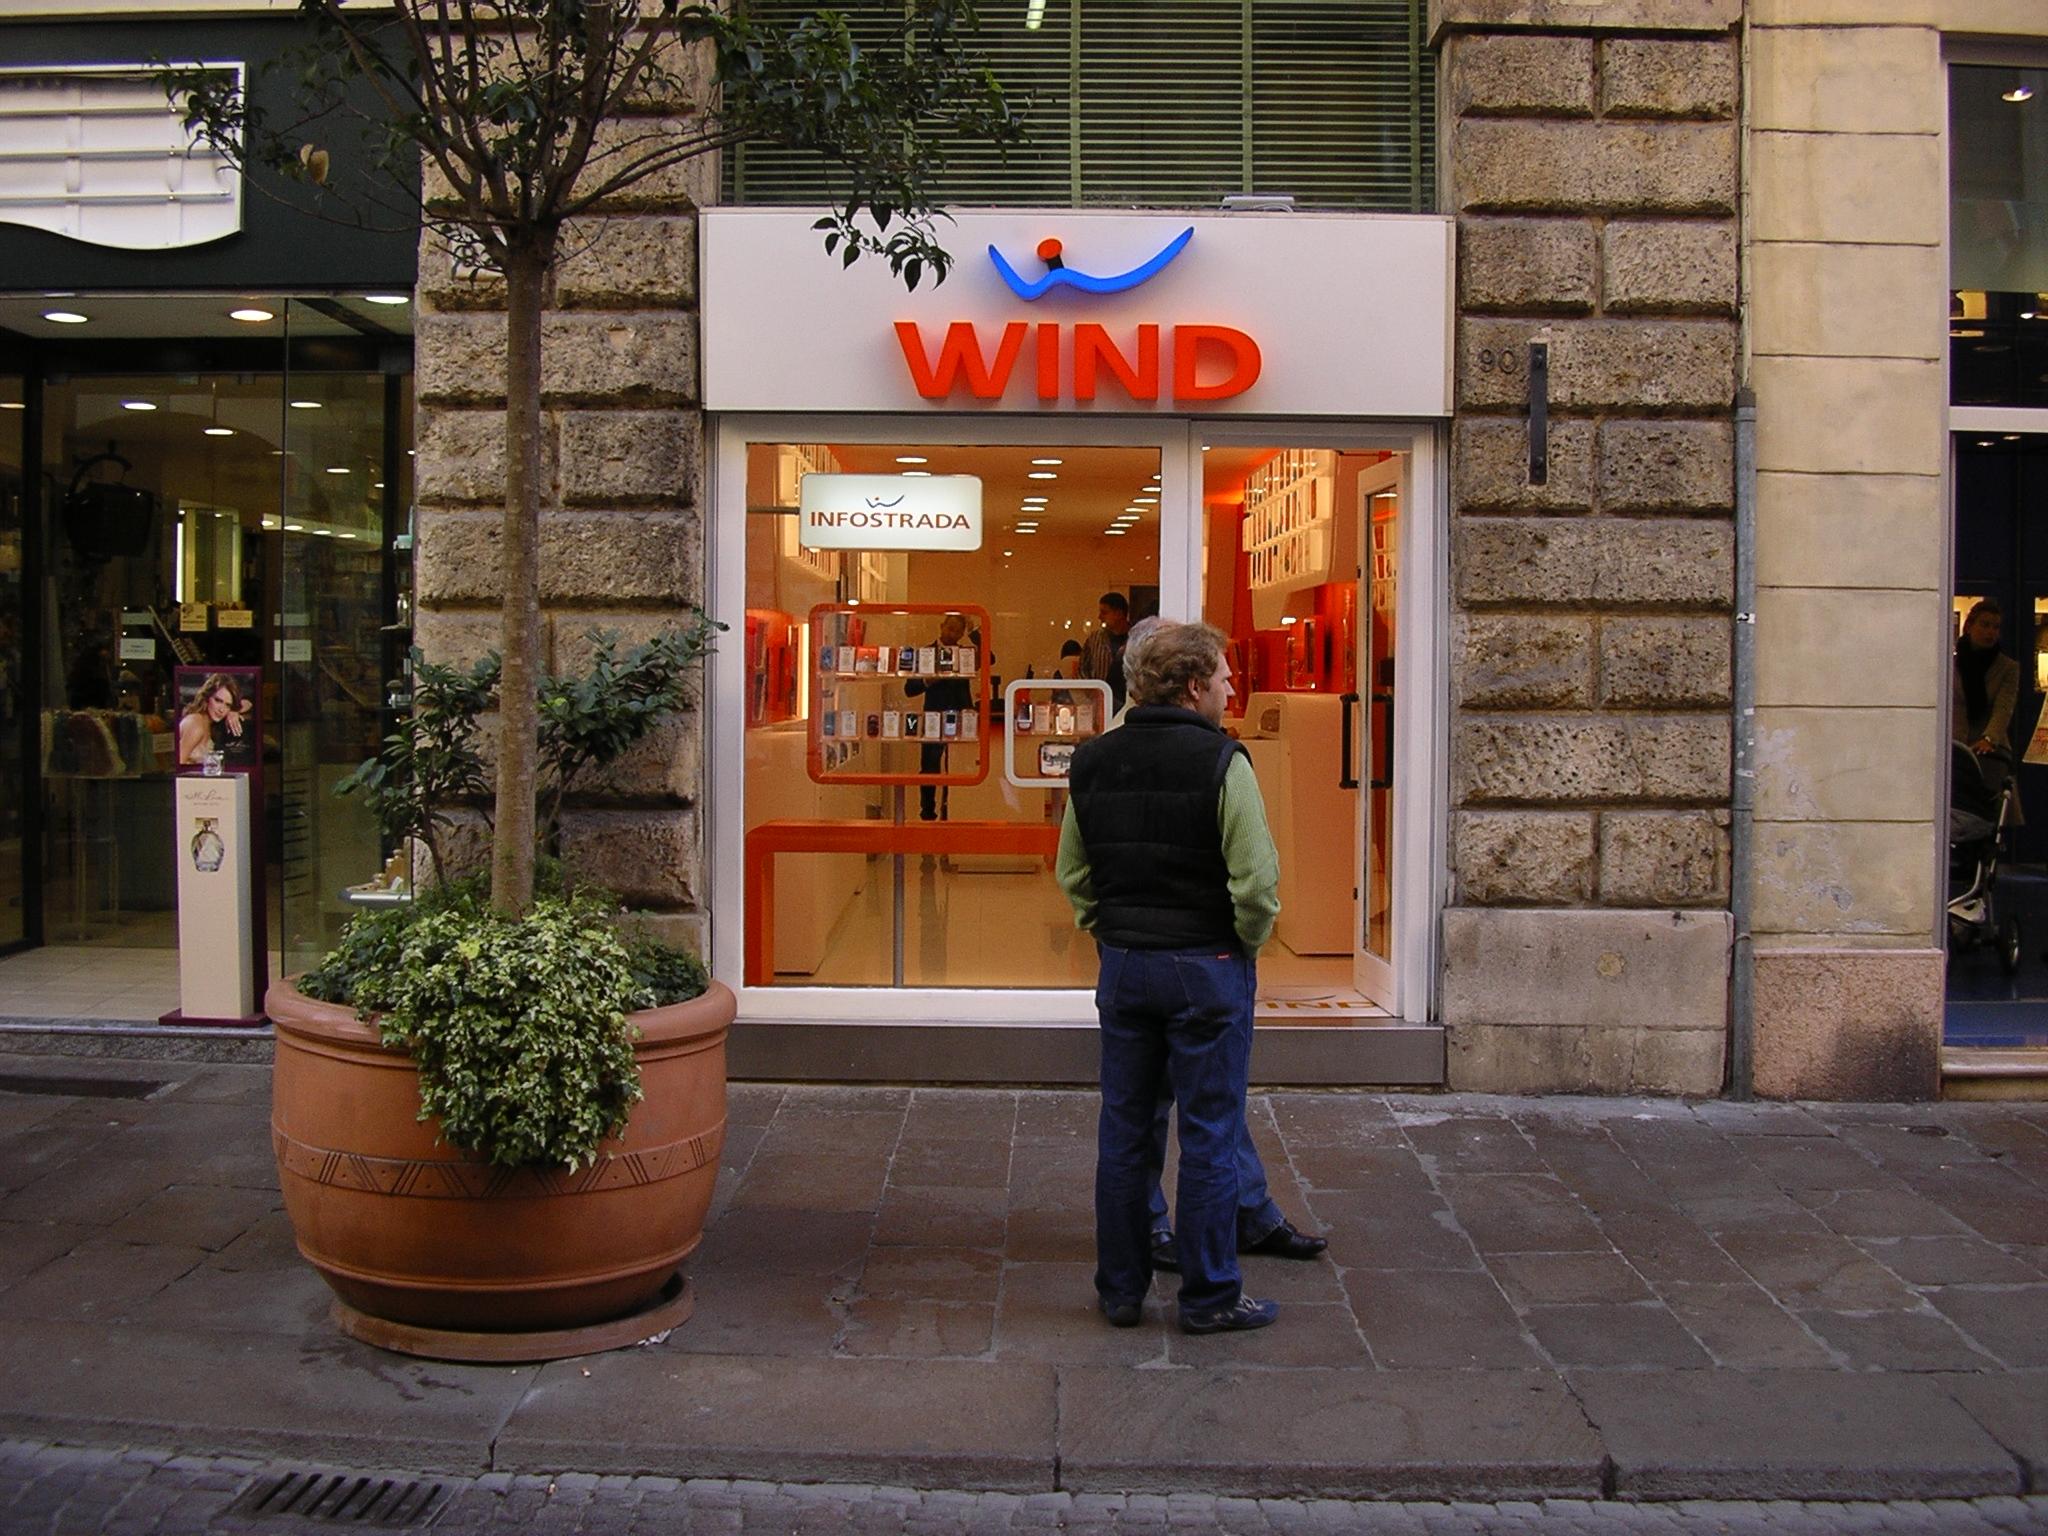 Miglior broker forex in italiano